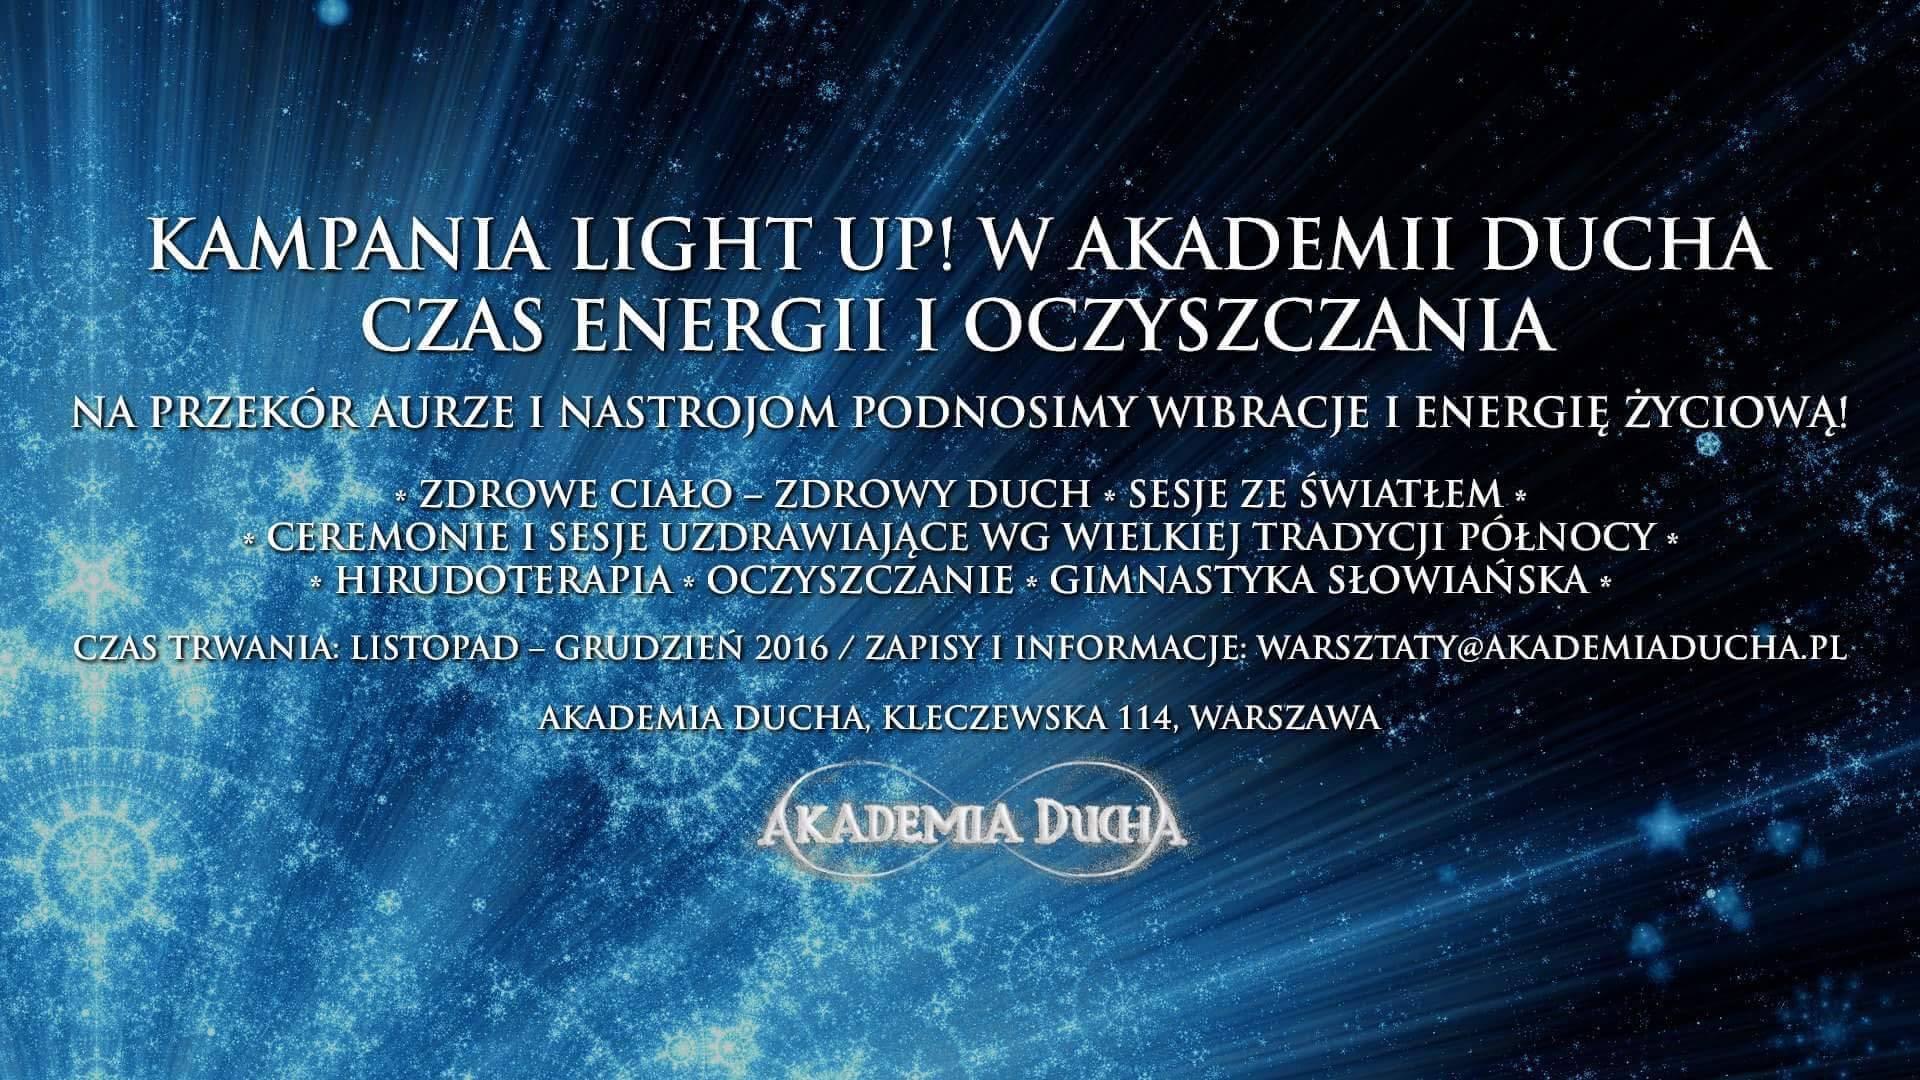 kampania-light-up-czas-energii-i-oczyszczania-w-akademii-ducha